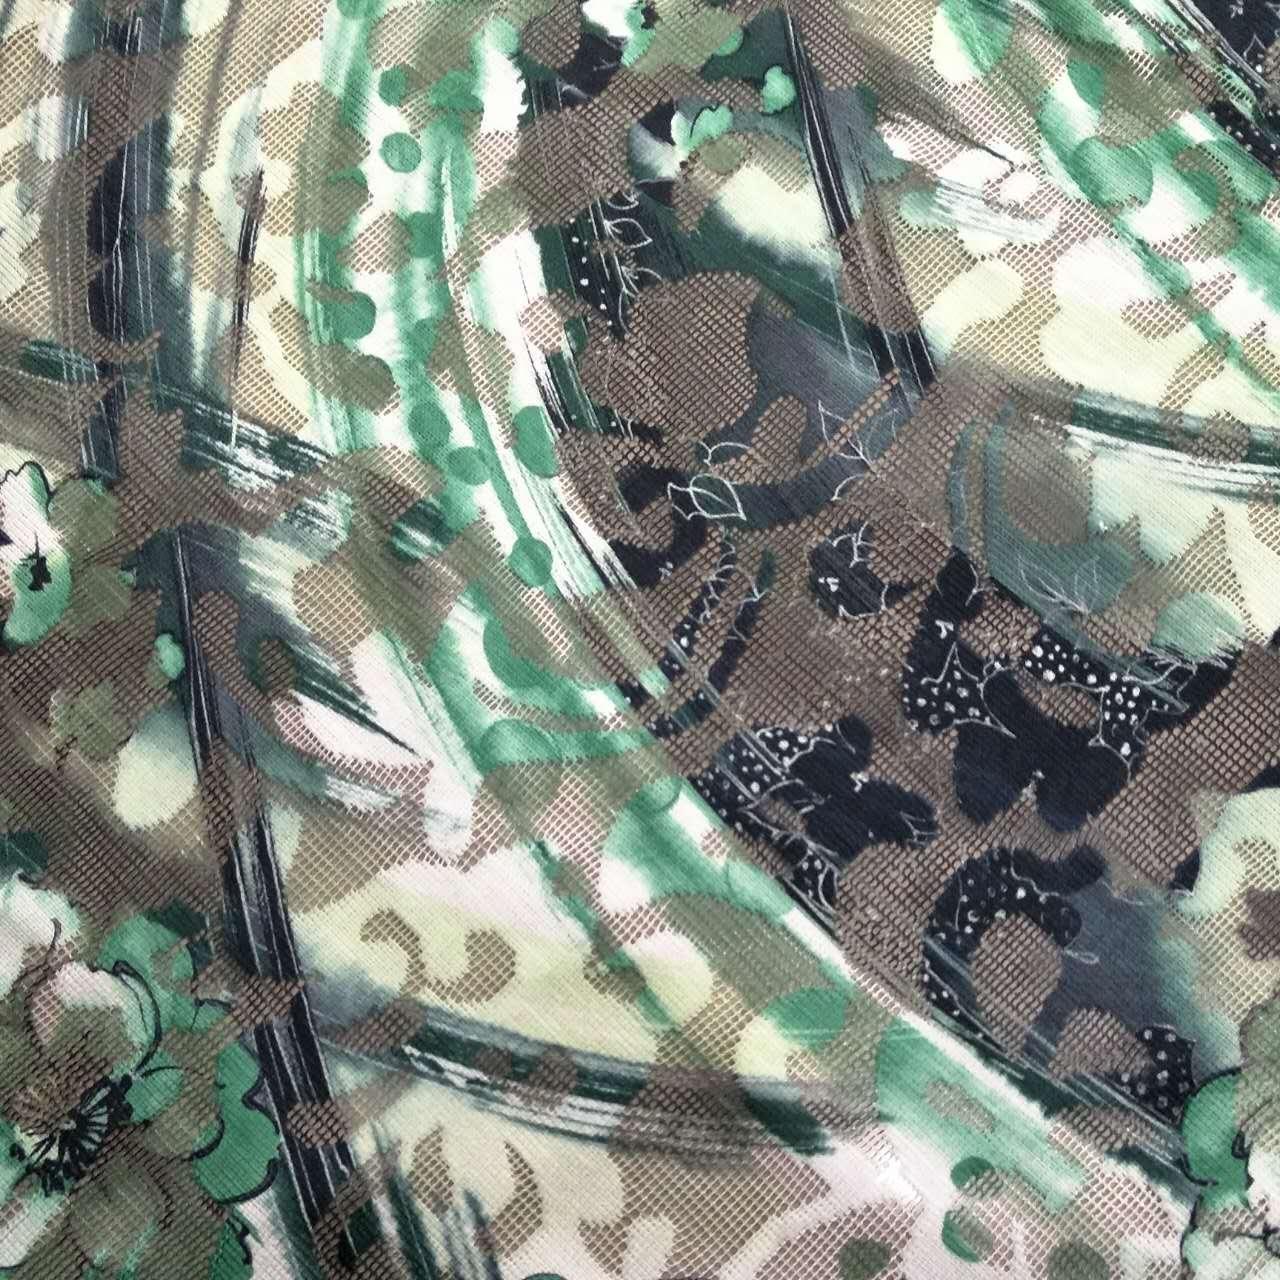 二十年印花厂,几千个花型配色,总有一些适合你!专门从事化纤类纺织品的转移印花加工